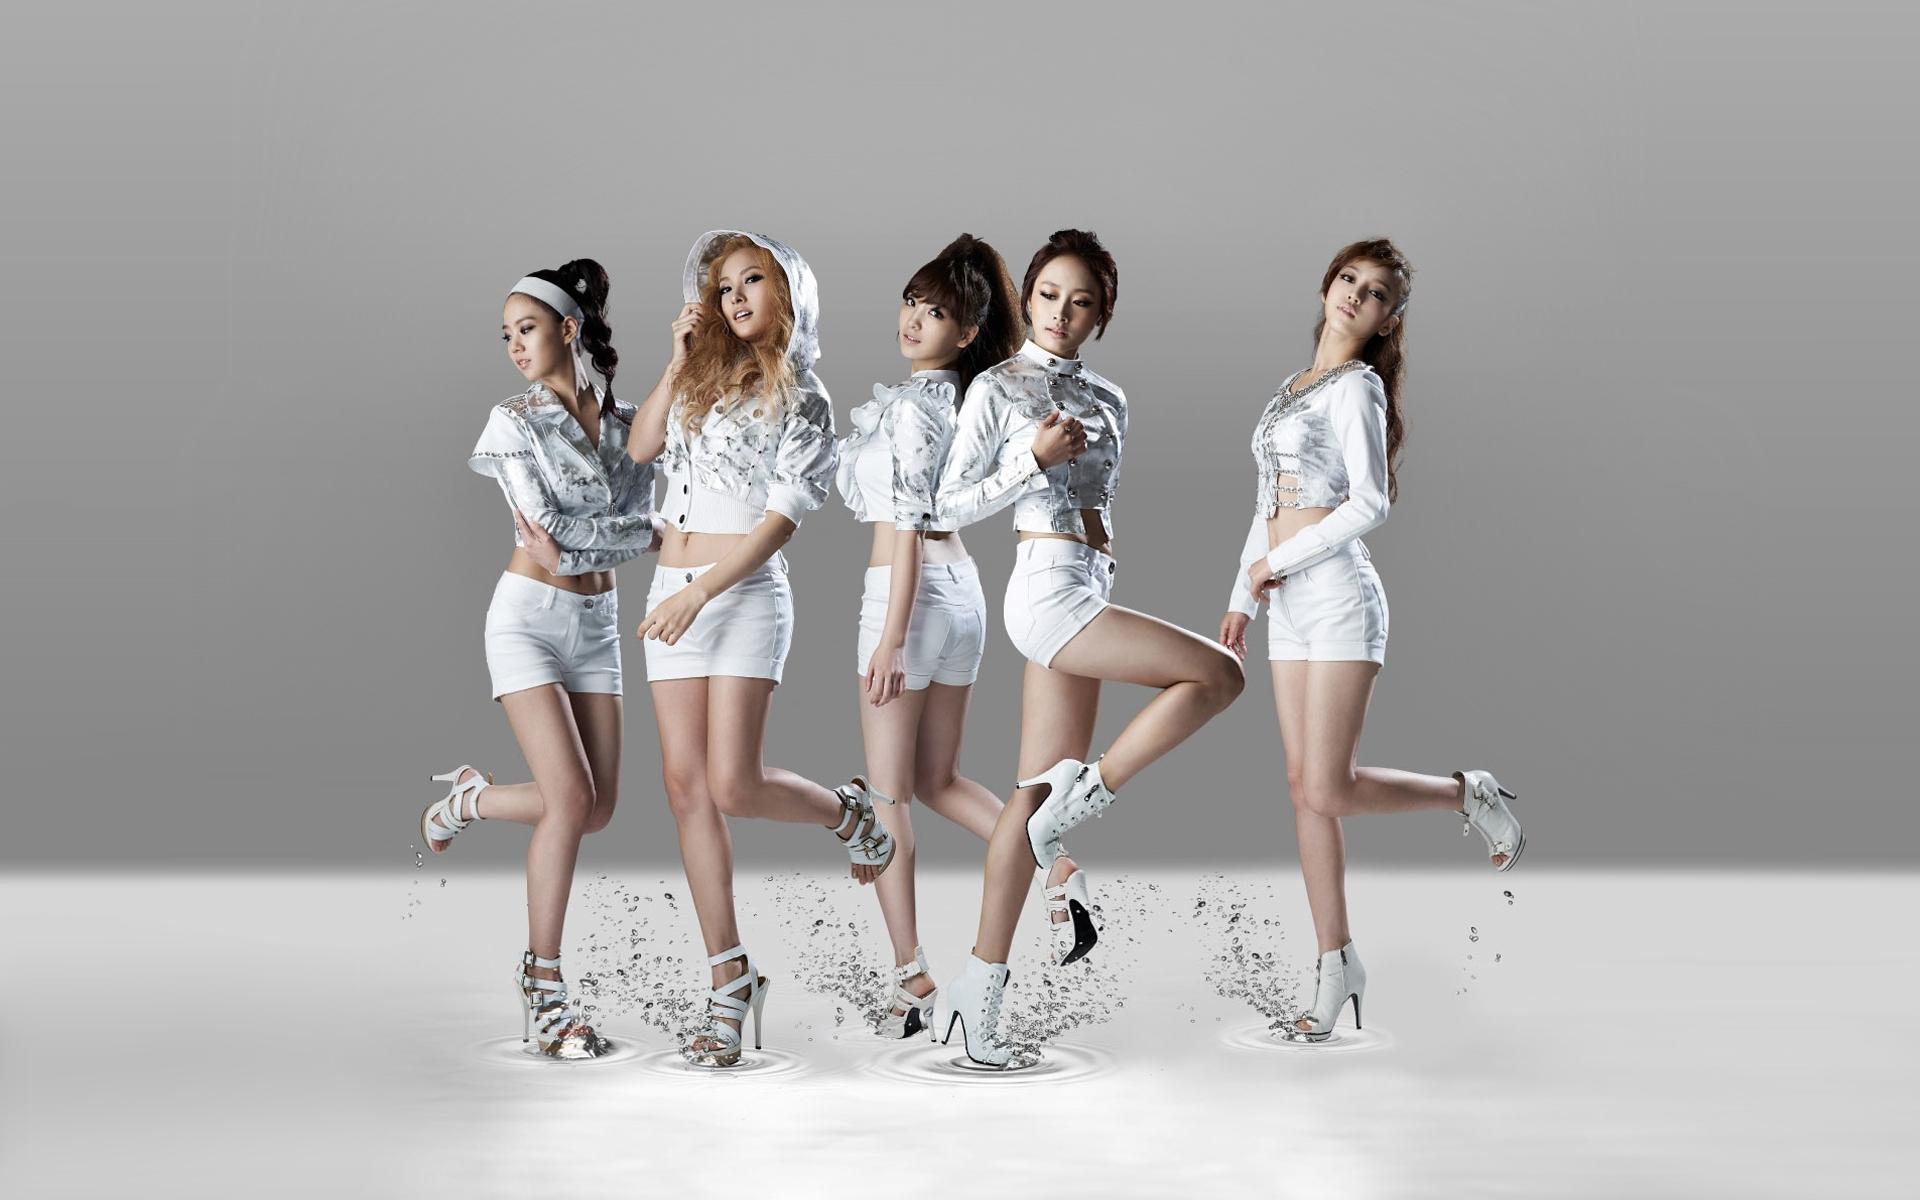 women_high_heels_asians_korean_singers_kpop_kara_band_1920x1200_wallpaper_Wallpaper HD_1920x1200_www.paperhi.com